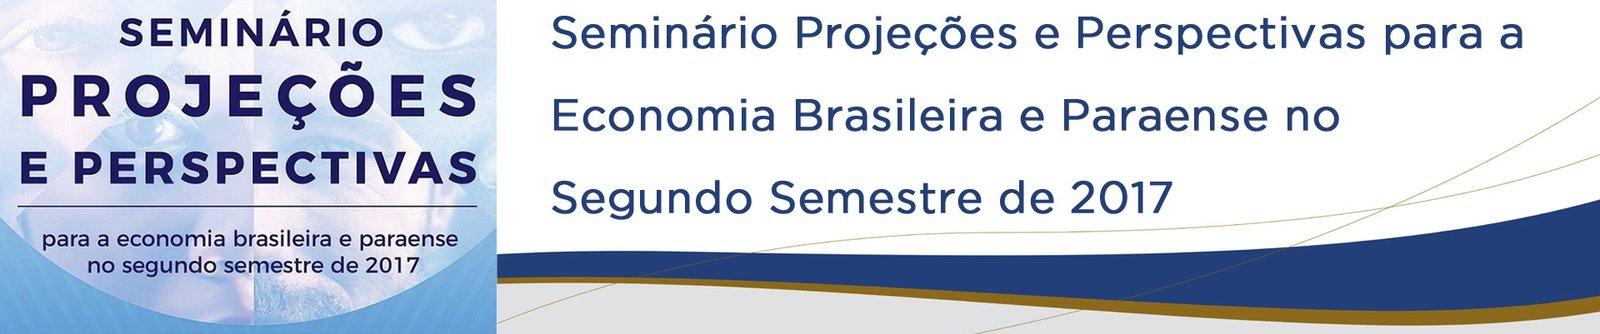 Seminário Projeções e Perspectivas para a Economia Brasileira e Paraense no Segundo Semestre de 2017